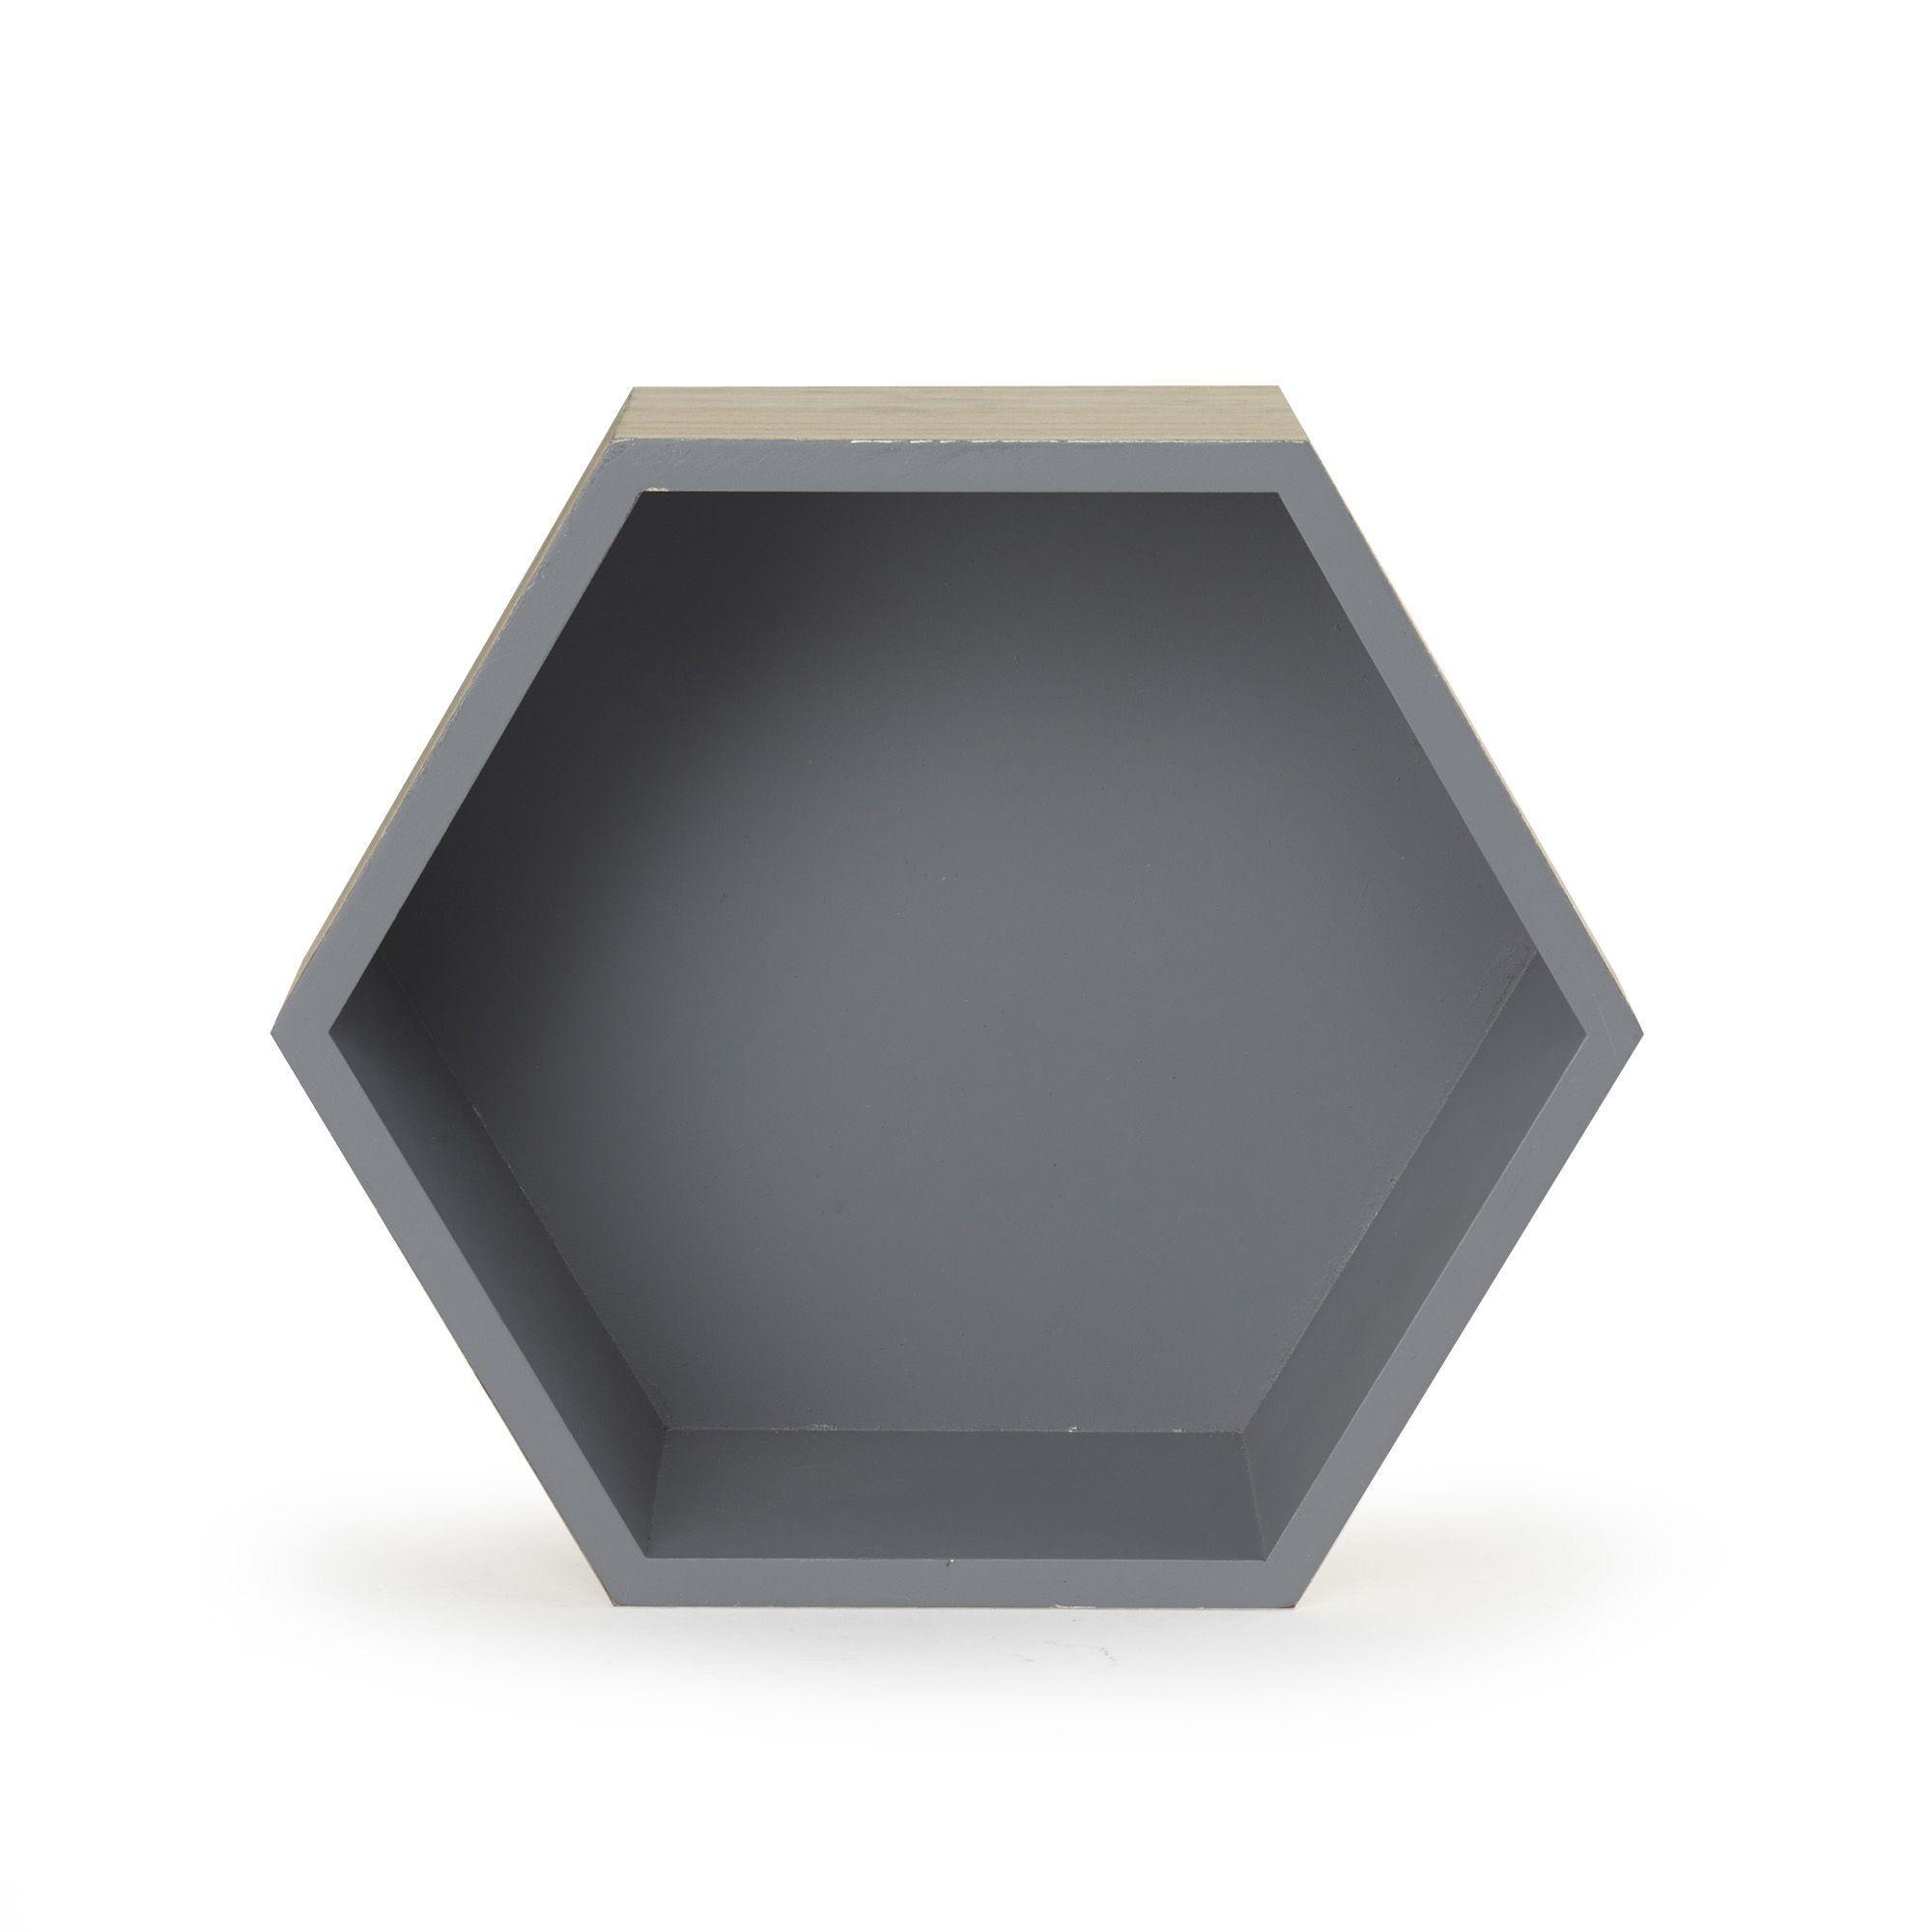 etag re hexagonale moyen mod le rush salon salle manger par pi ce alin a fr d coration. Black Bedroom Furniture Sets. Home Design Ideas